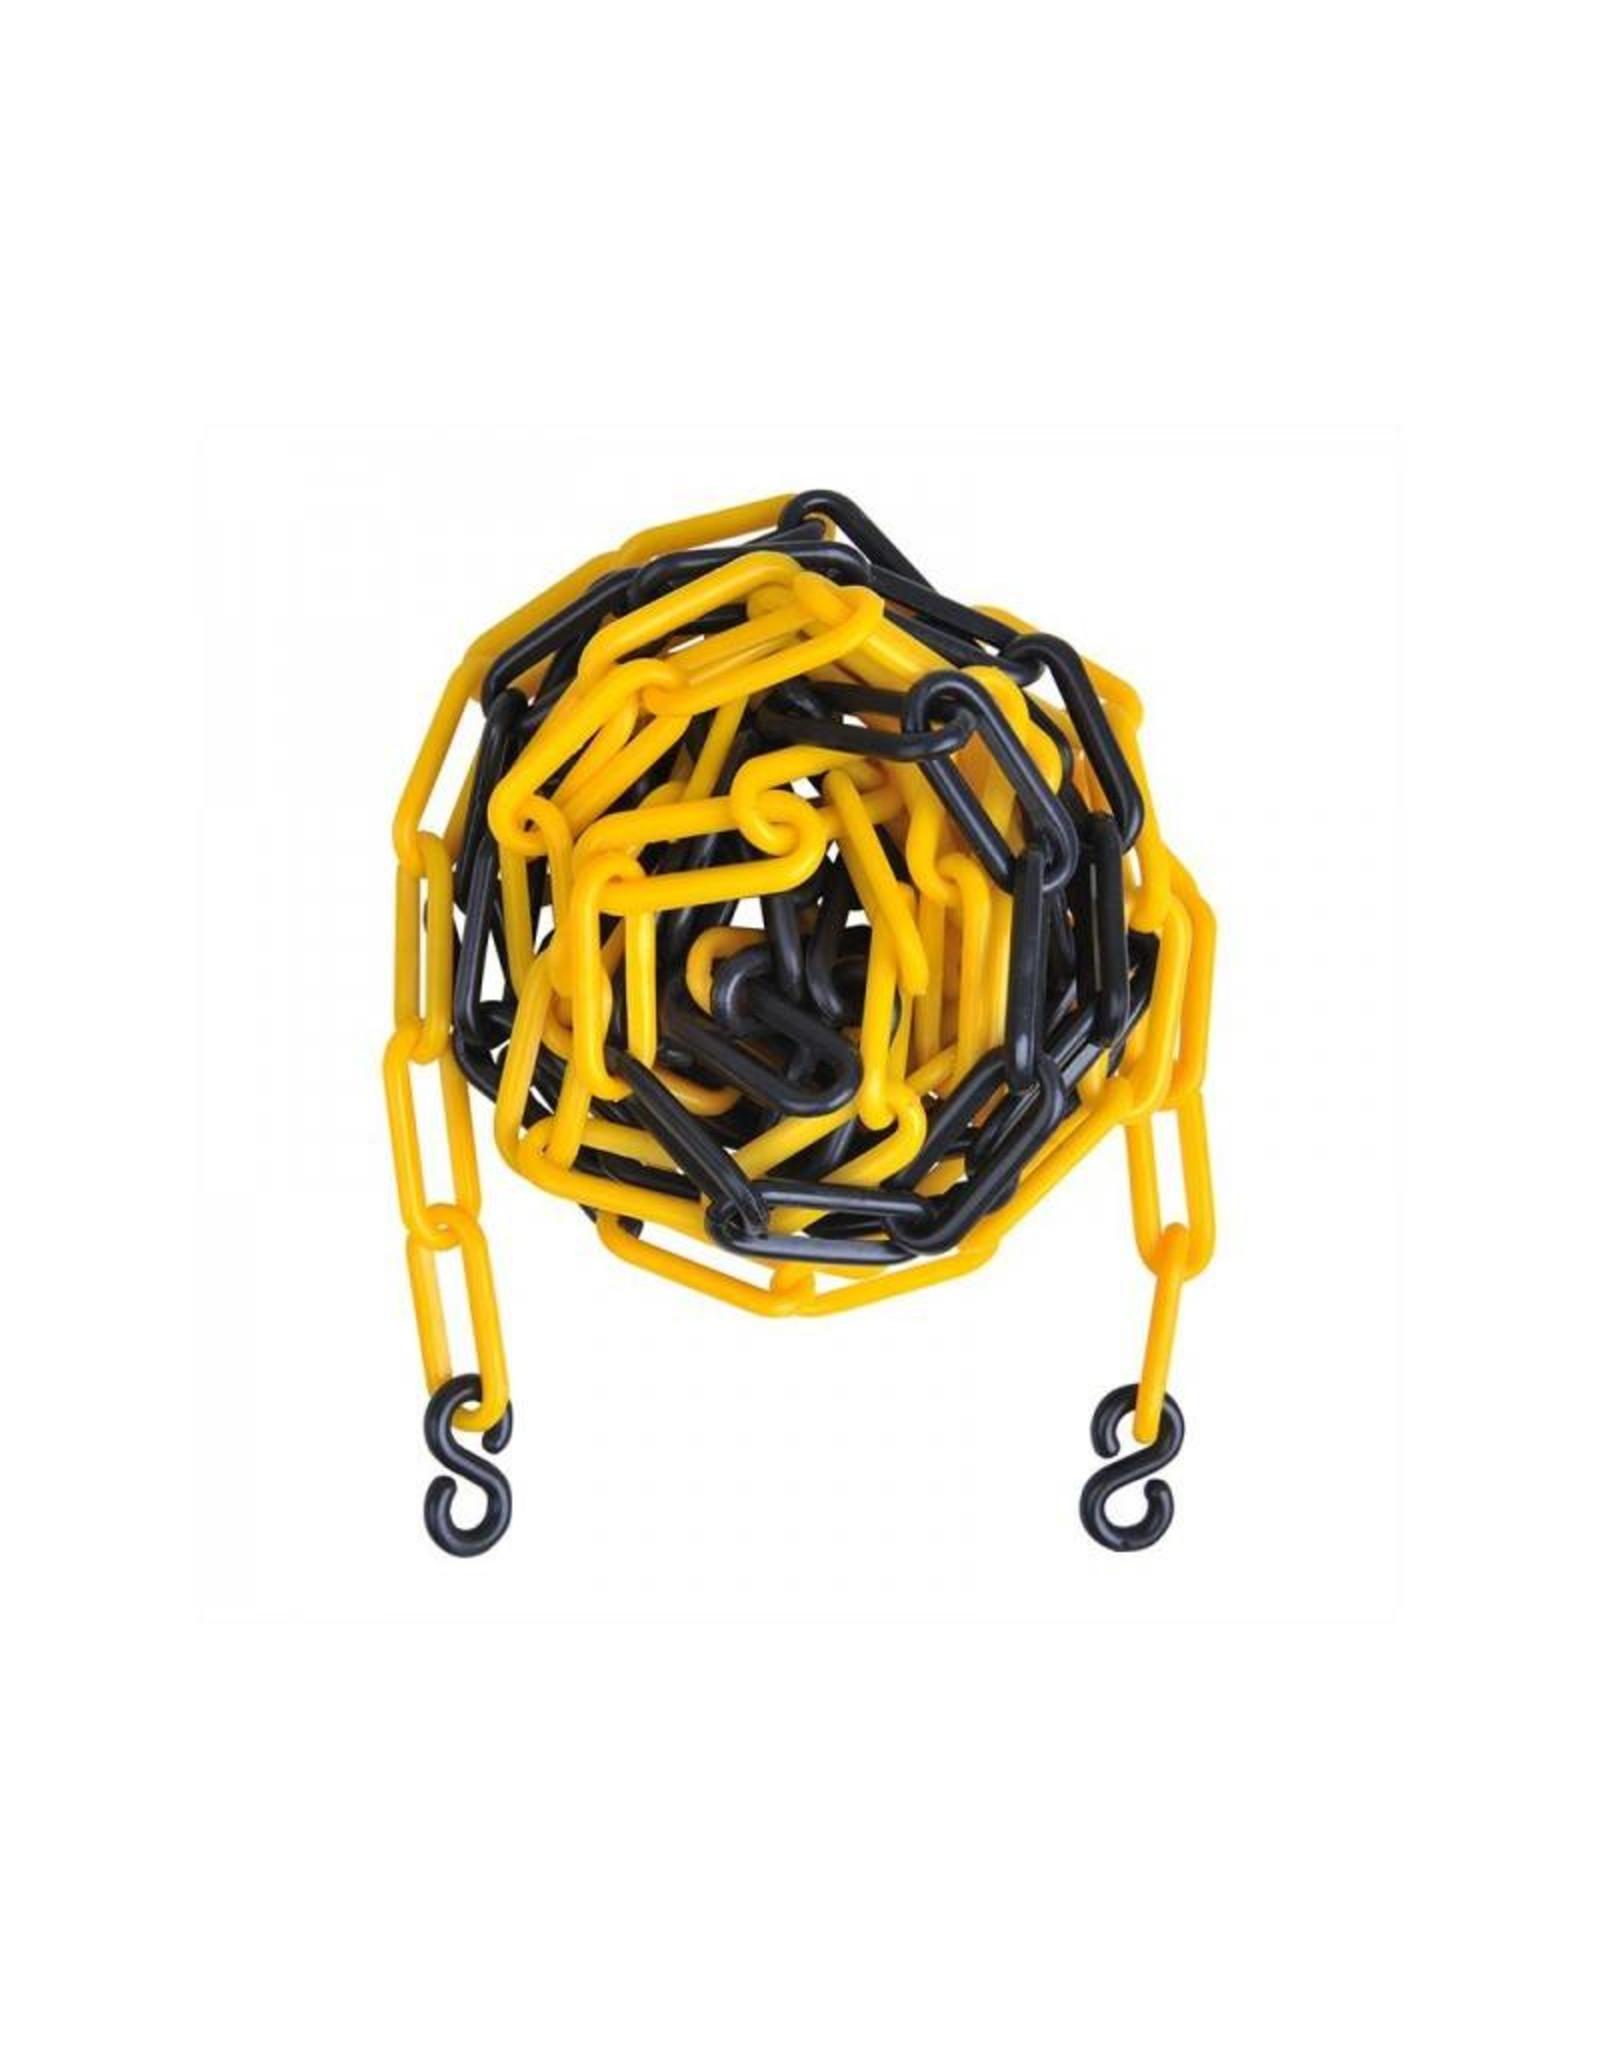 Afzetketting kunststof geel/zwart 5M